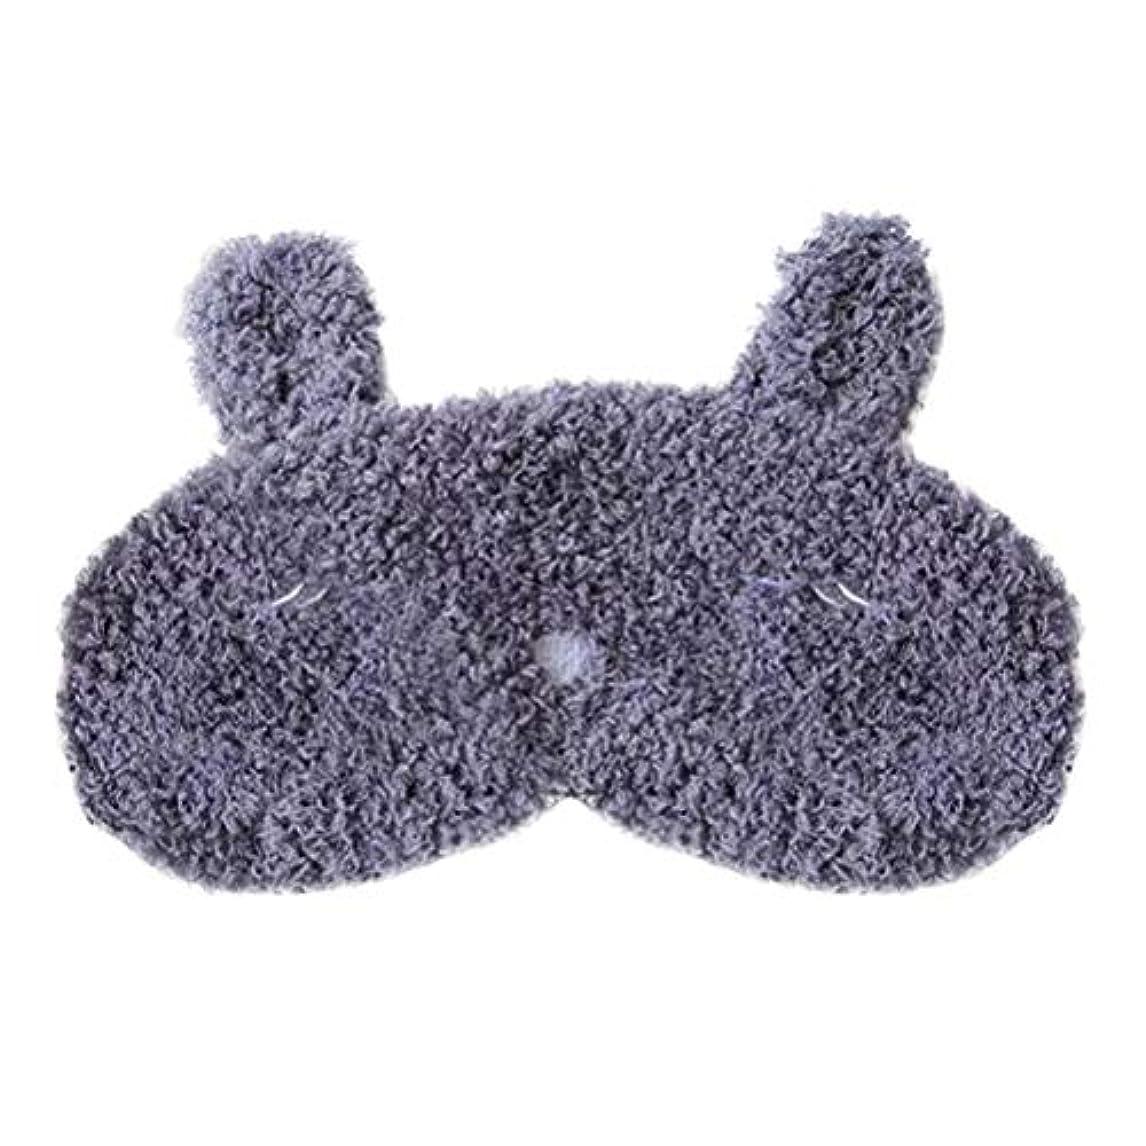 覗く工業用地獄Healifty かわいいアイマスクアイシェッドカーネーションアイマスクウサギのキャットアイパッチ(睡眠ニップ(ネイビー)